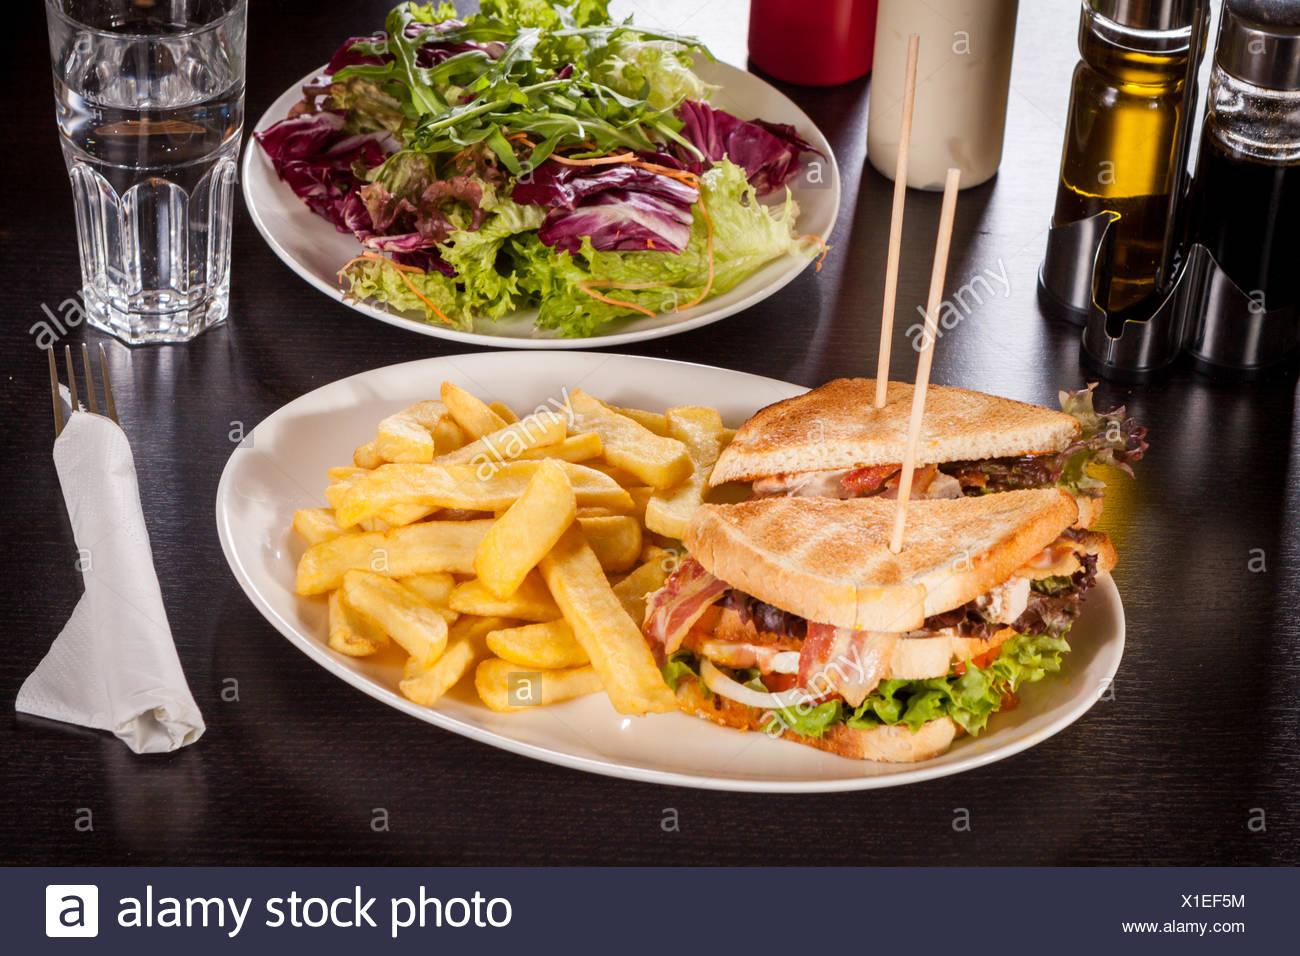 Clubsandwich Auf Getoastetem Weißbrot Mit Speck Und Pommes Frittes Straßenbildes Auf Einem Teller Stockbild